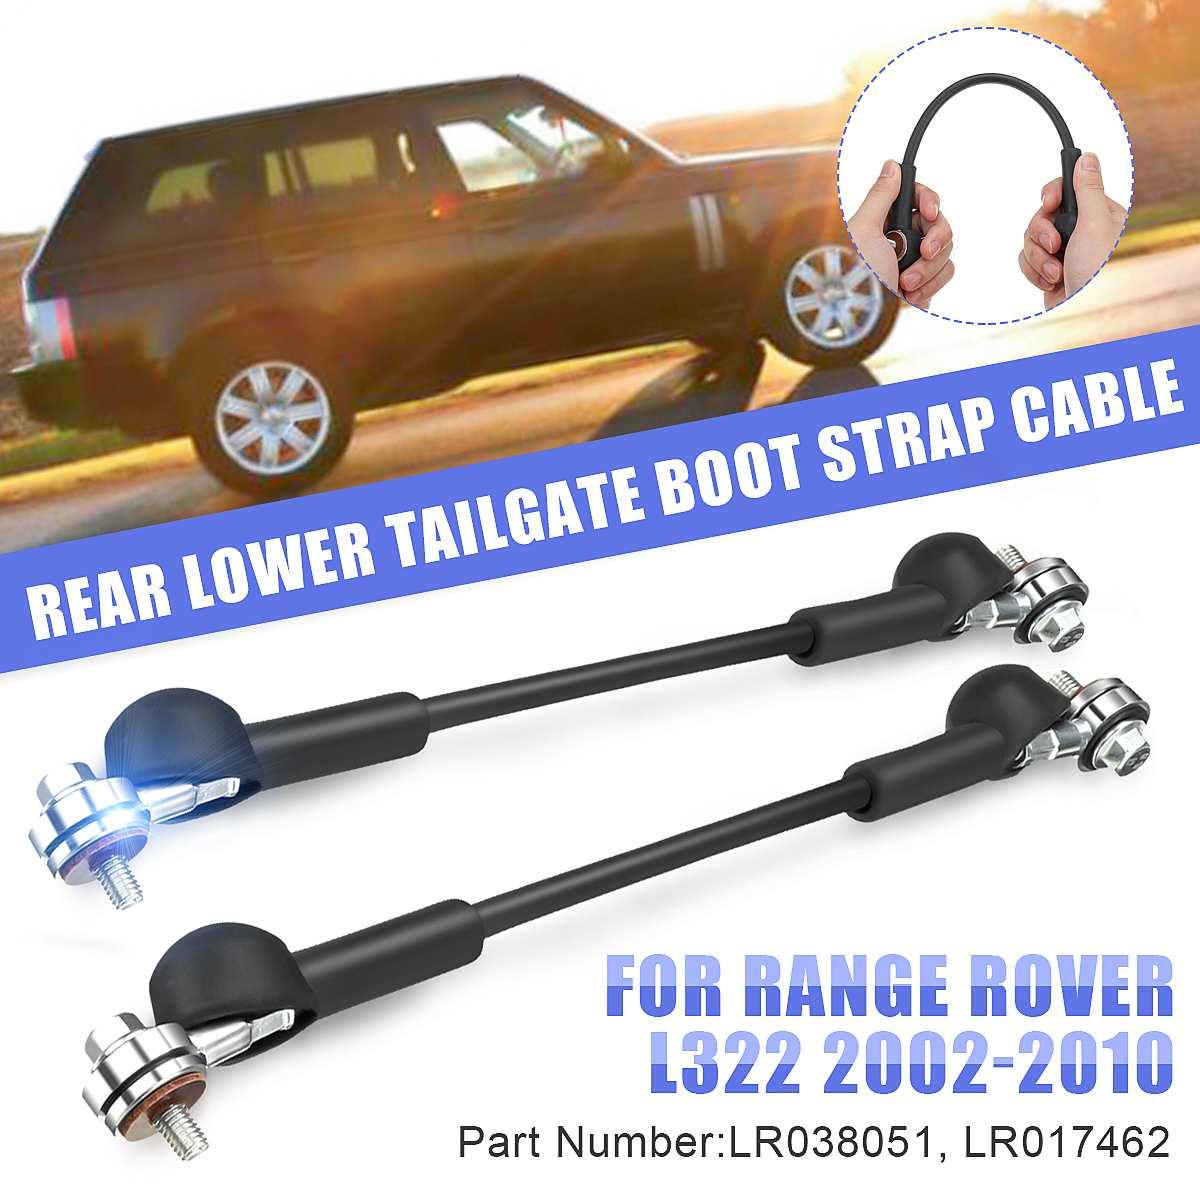 2 uds coche trasera puerta trasera más baja de correa Cable para Range Rover L322 2002, 2003, 2004, 2005, 2006, 2007, 2008, 2009, 2010 LR038051 LR0174